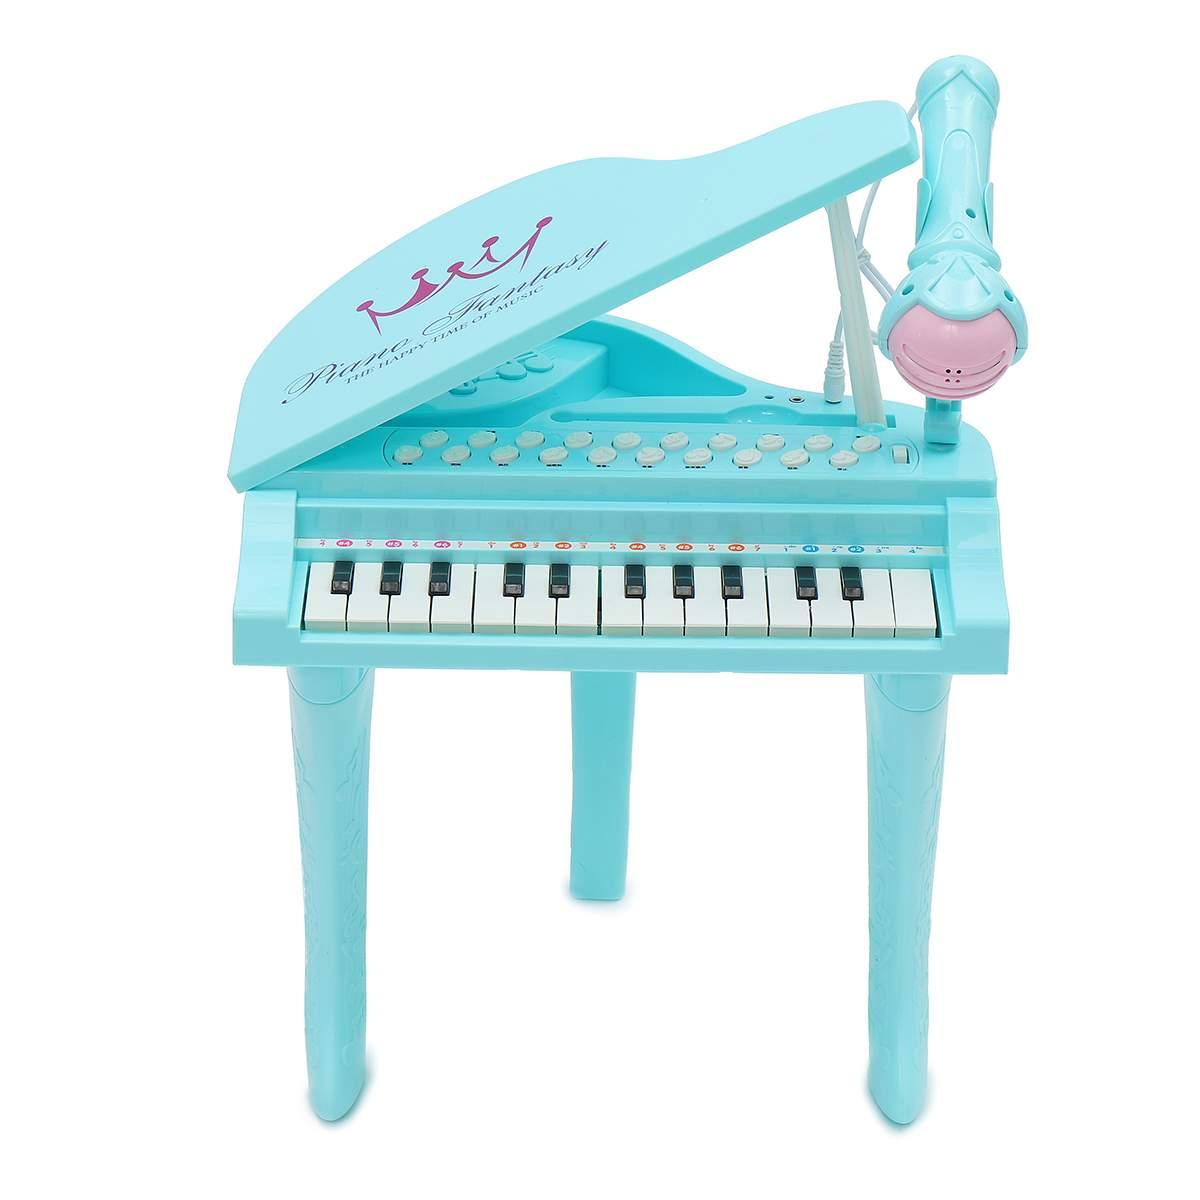 2 couleurs 25 touches clavier jouet orgue électronique enfants Piano Microphone Instrument de musique jouant jouet ensemble enfants cadeaux USB - 5